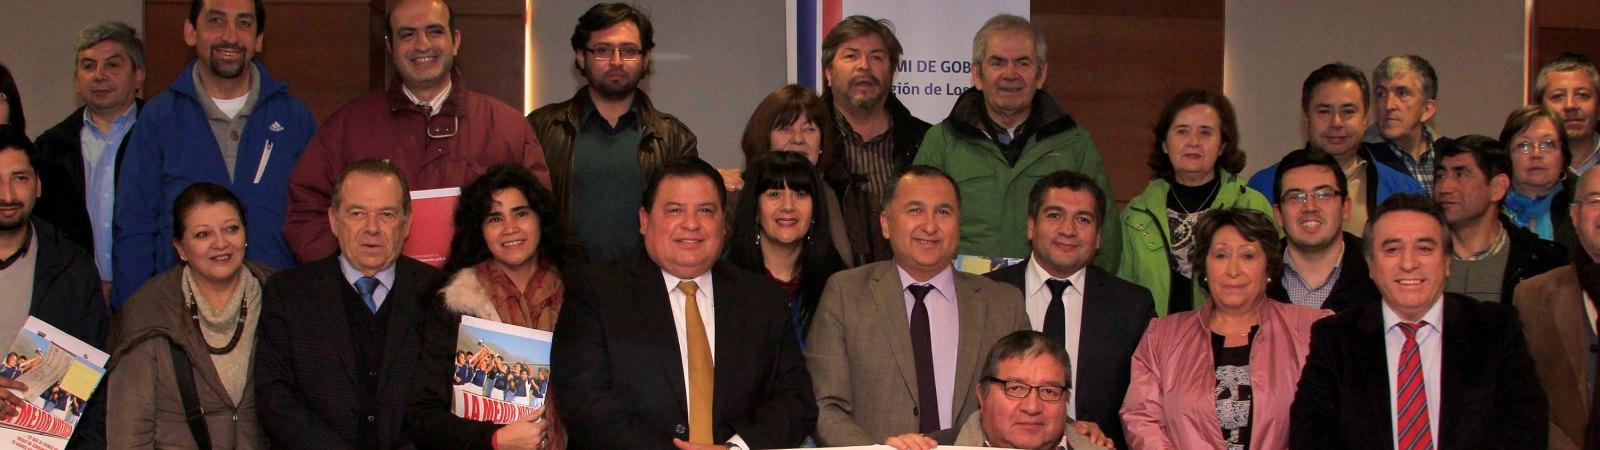 Imagen: Segegob Los Rios / Archivo